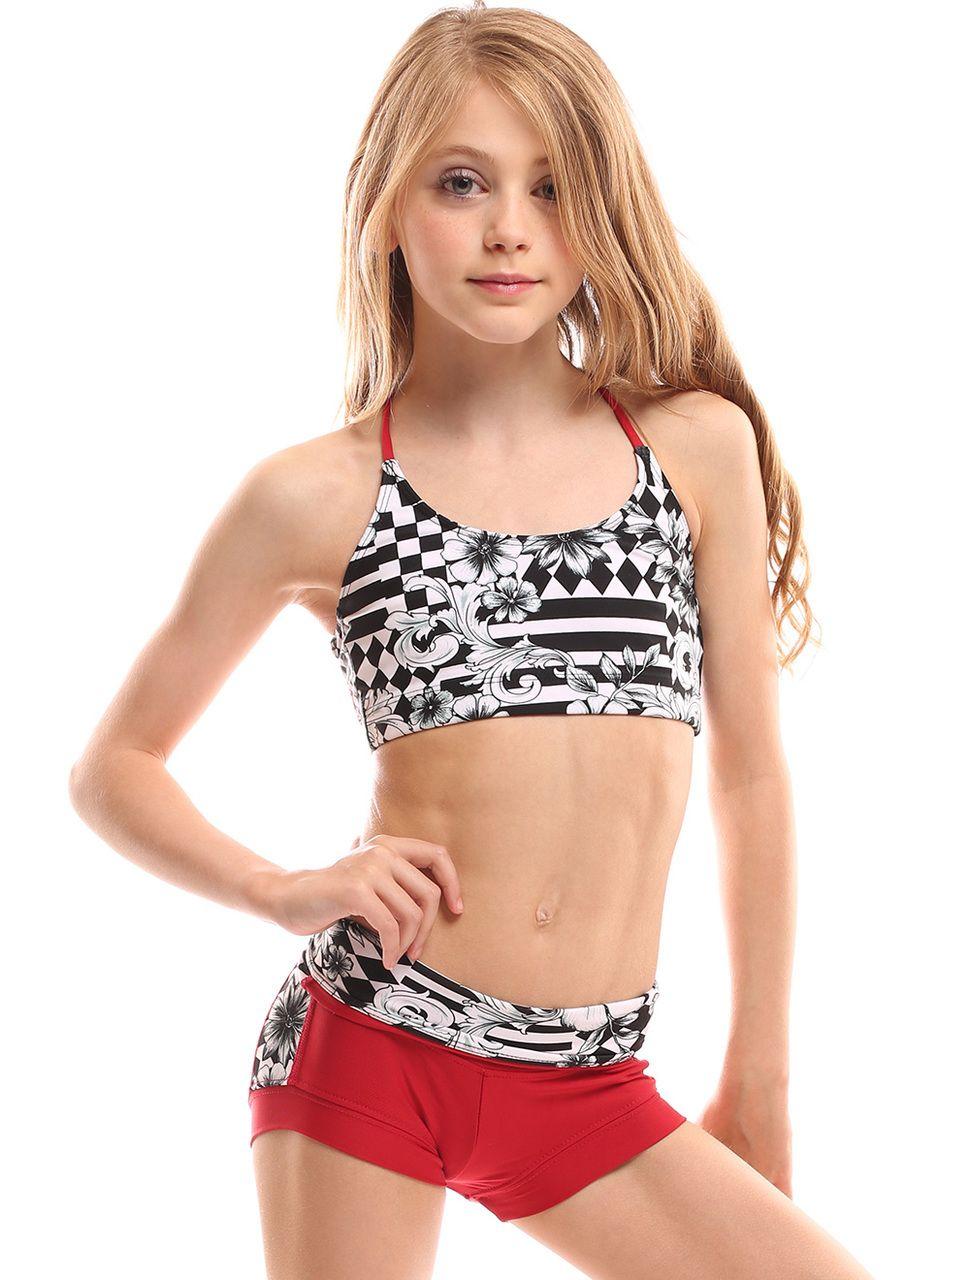 cute-teen-bikini-slut